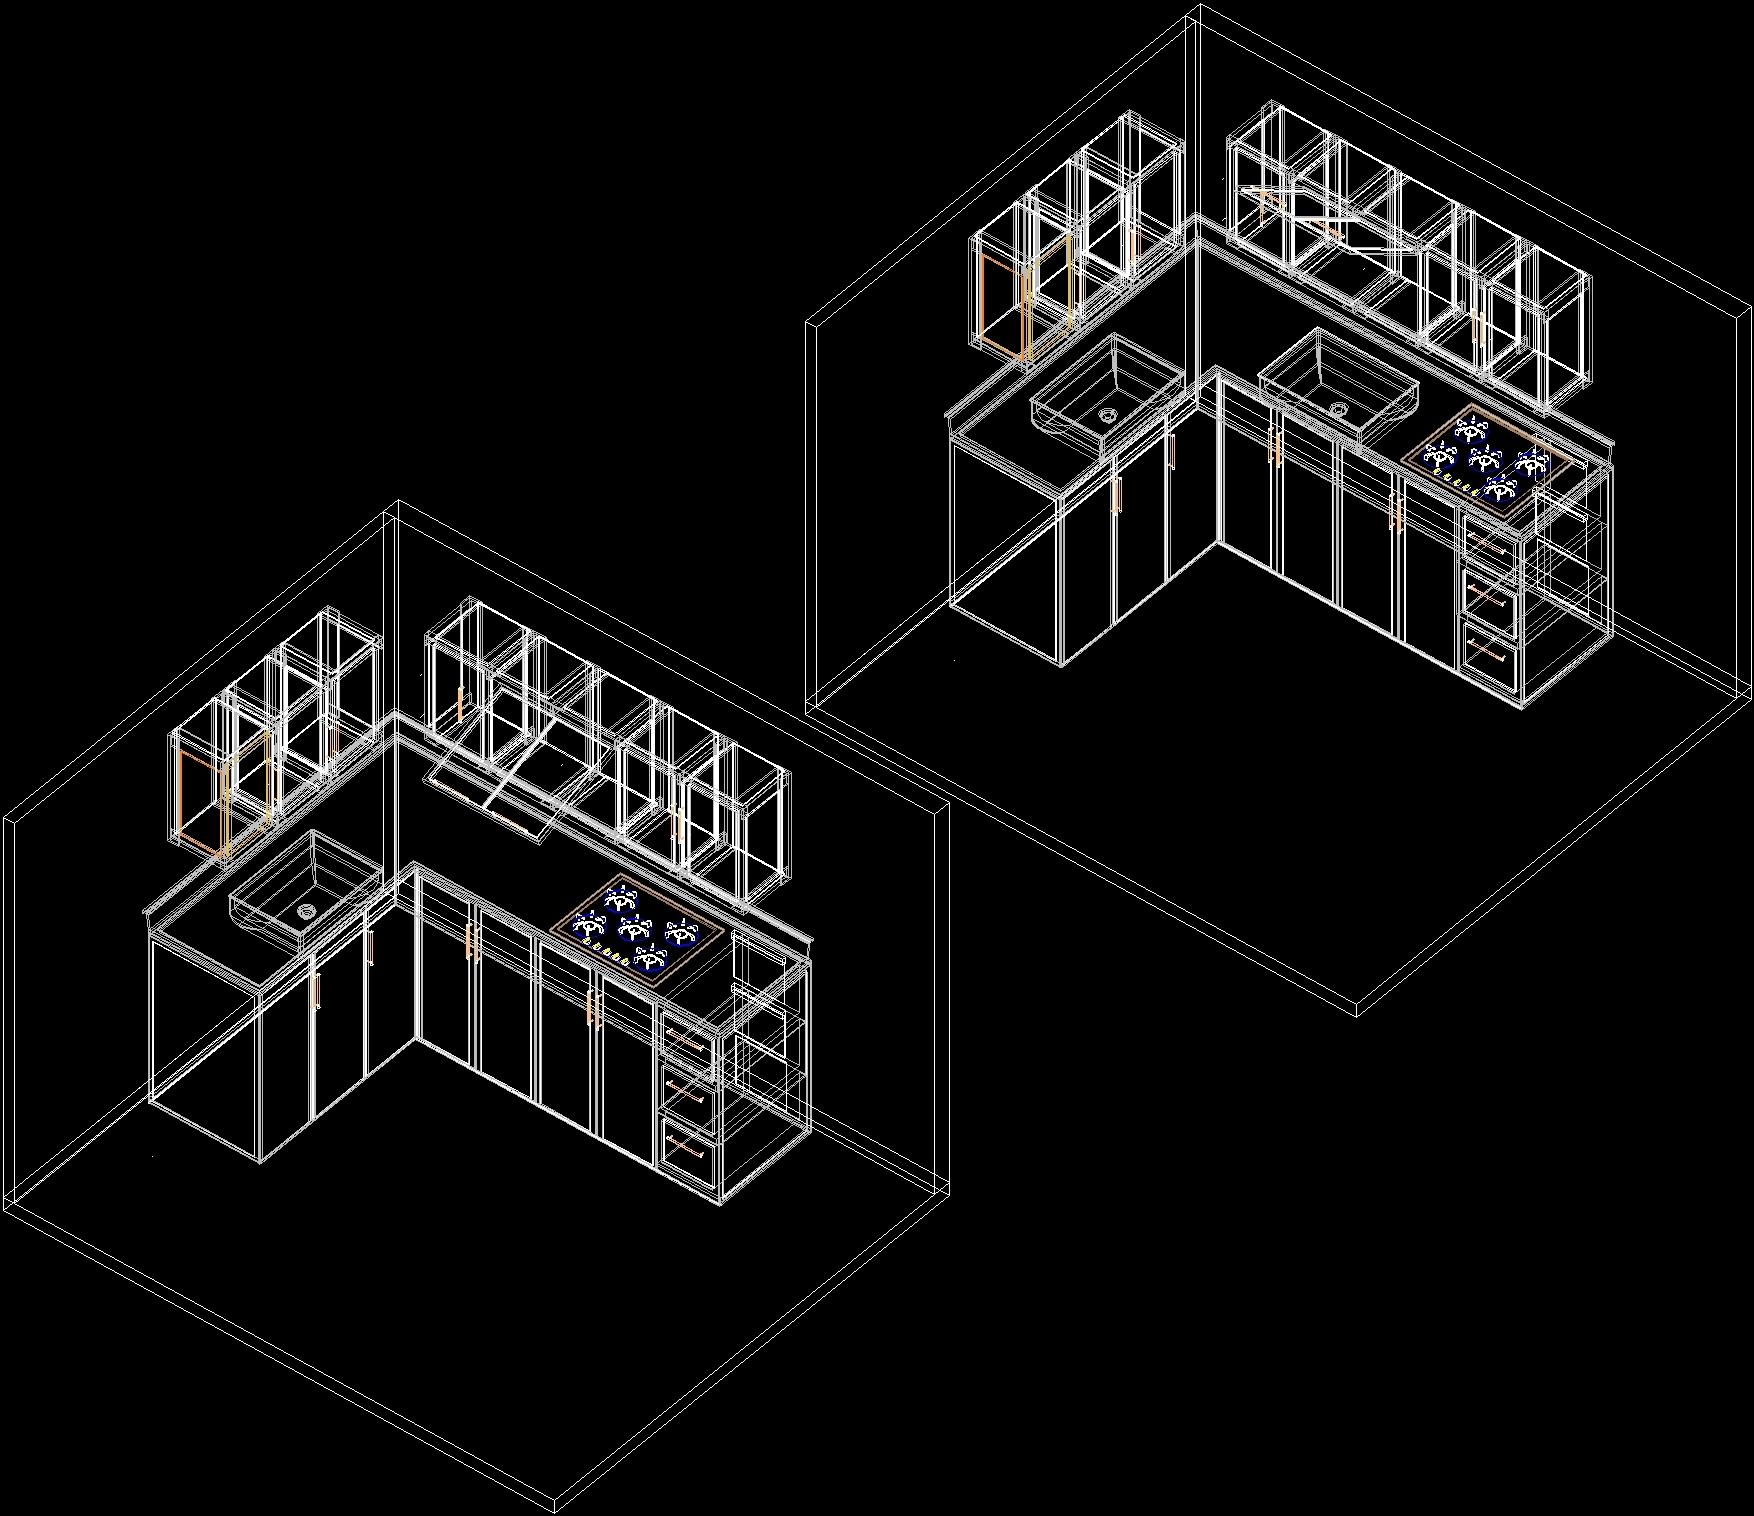 Kitchen Design Dwg stainless steel kitchen dwg block for autocad • designscad